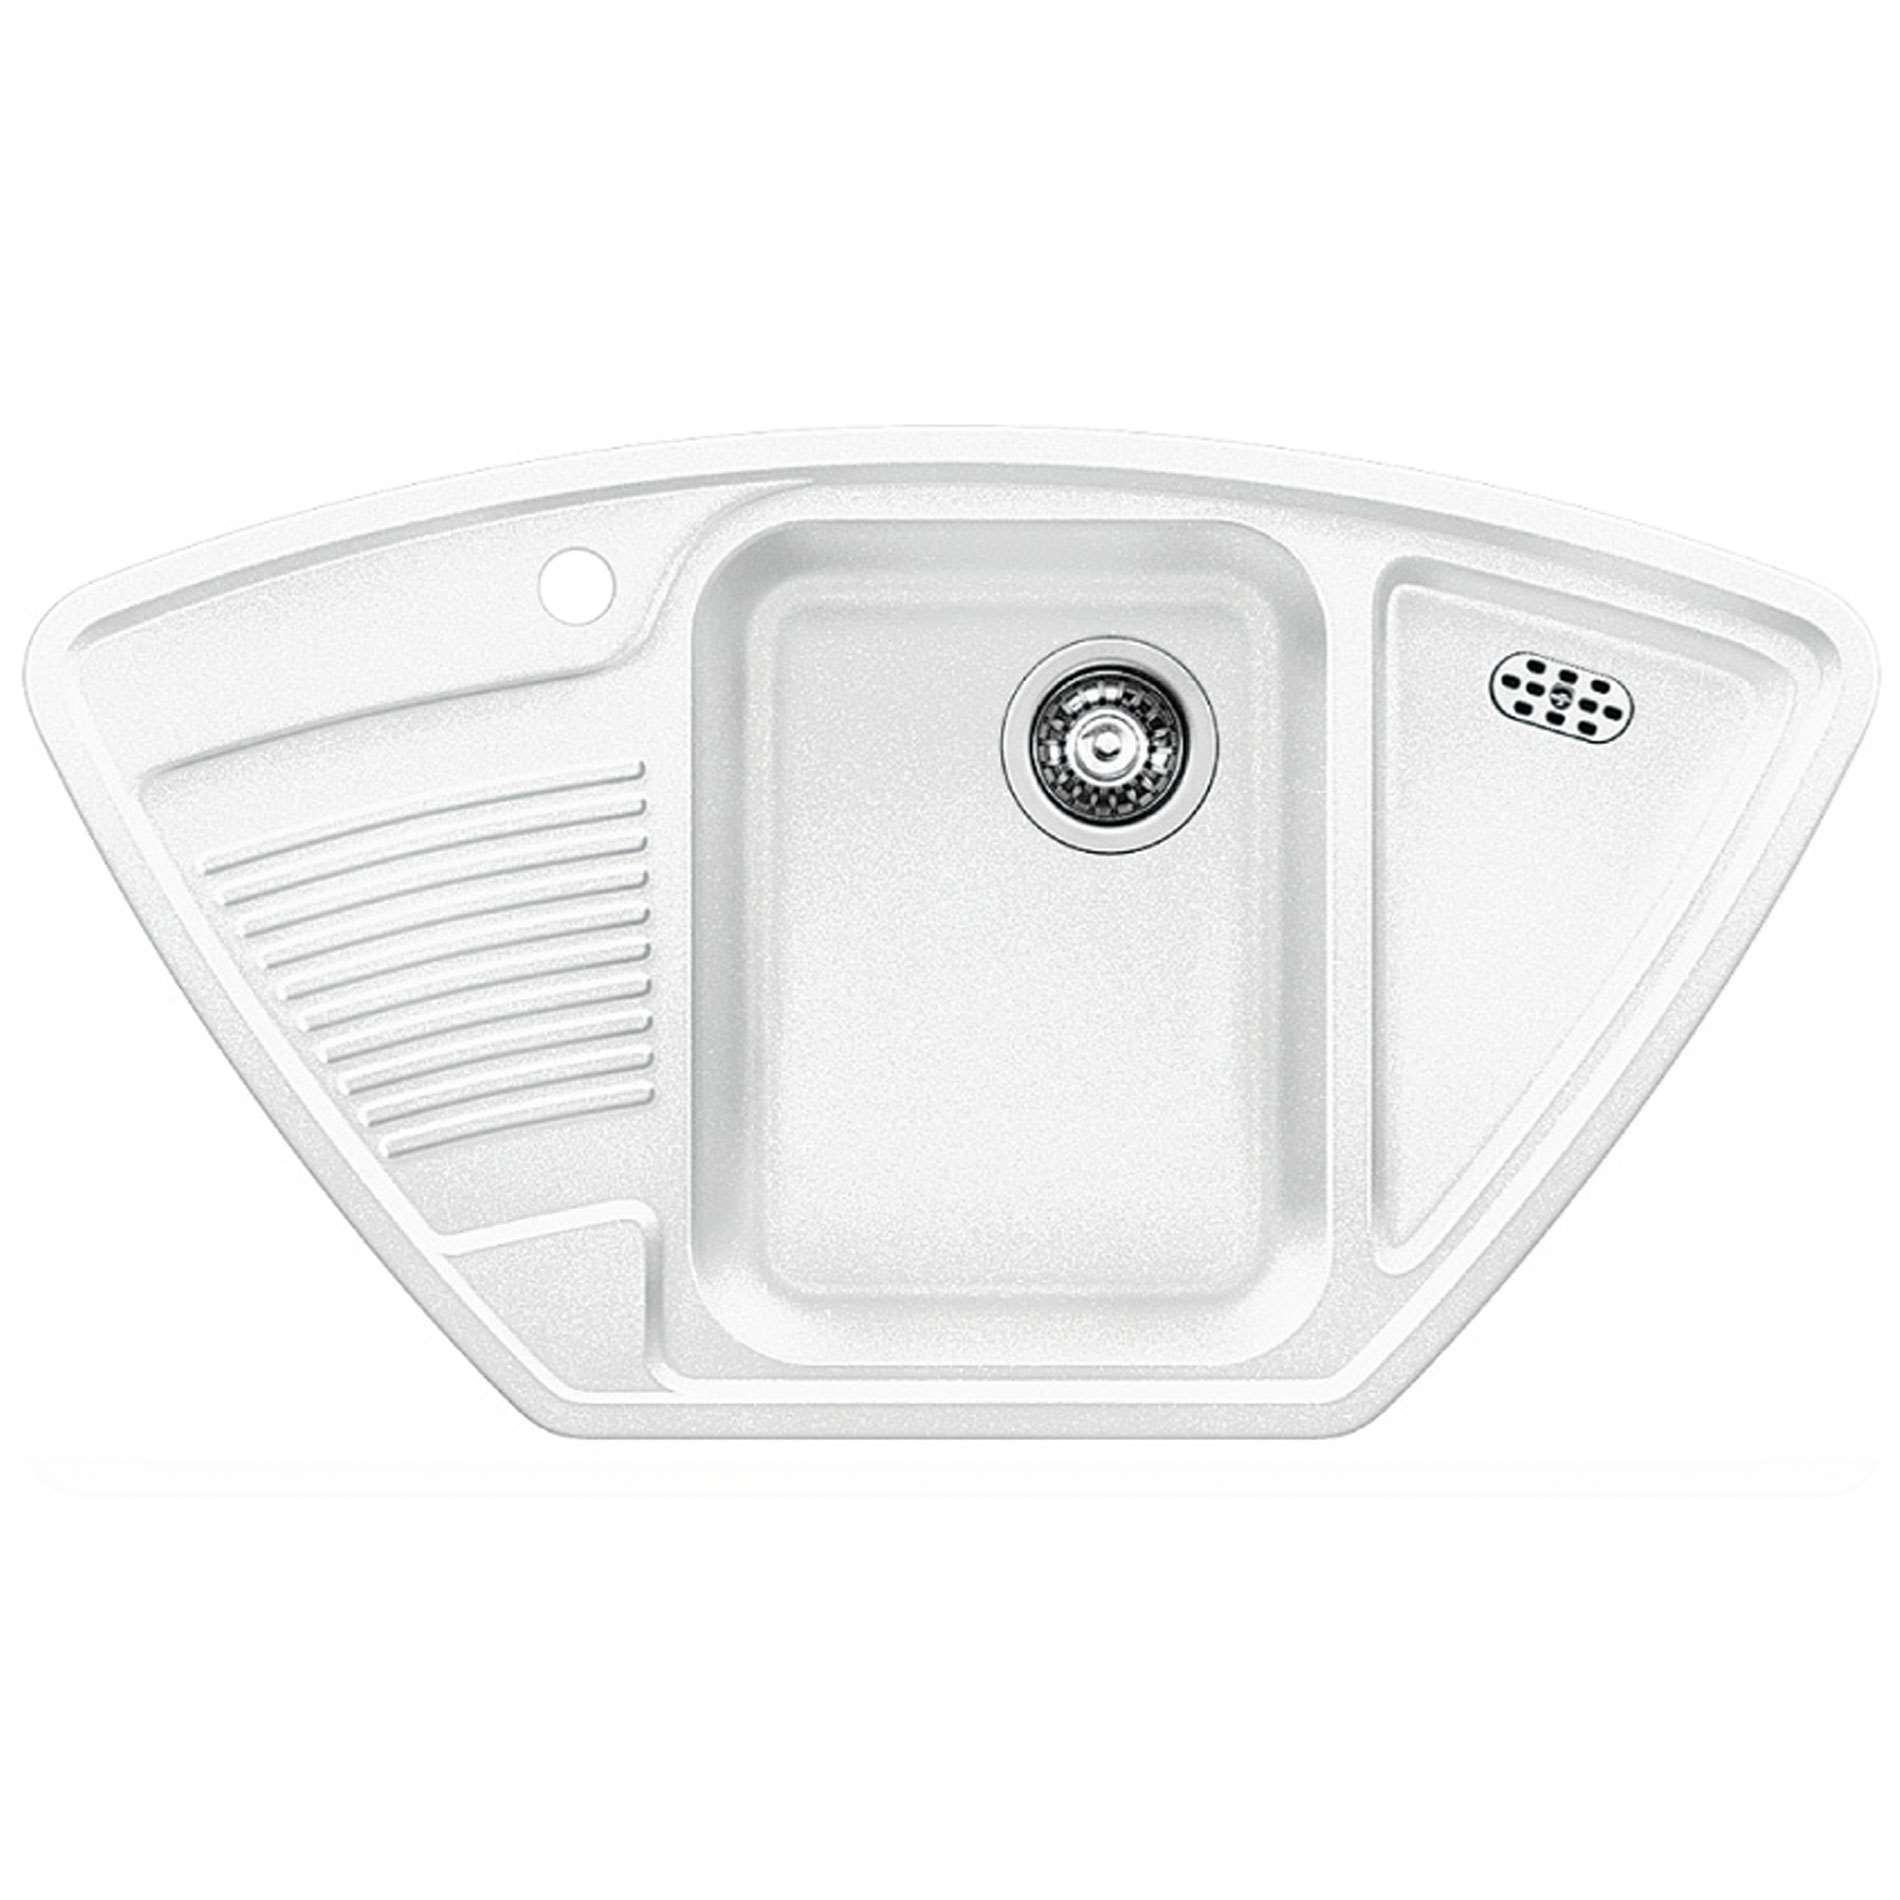 Blanco: Classic 9 E White Silgranit Sink - Kitchen Sinks & Taps